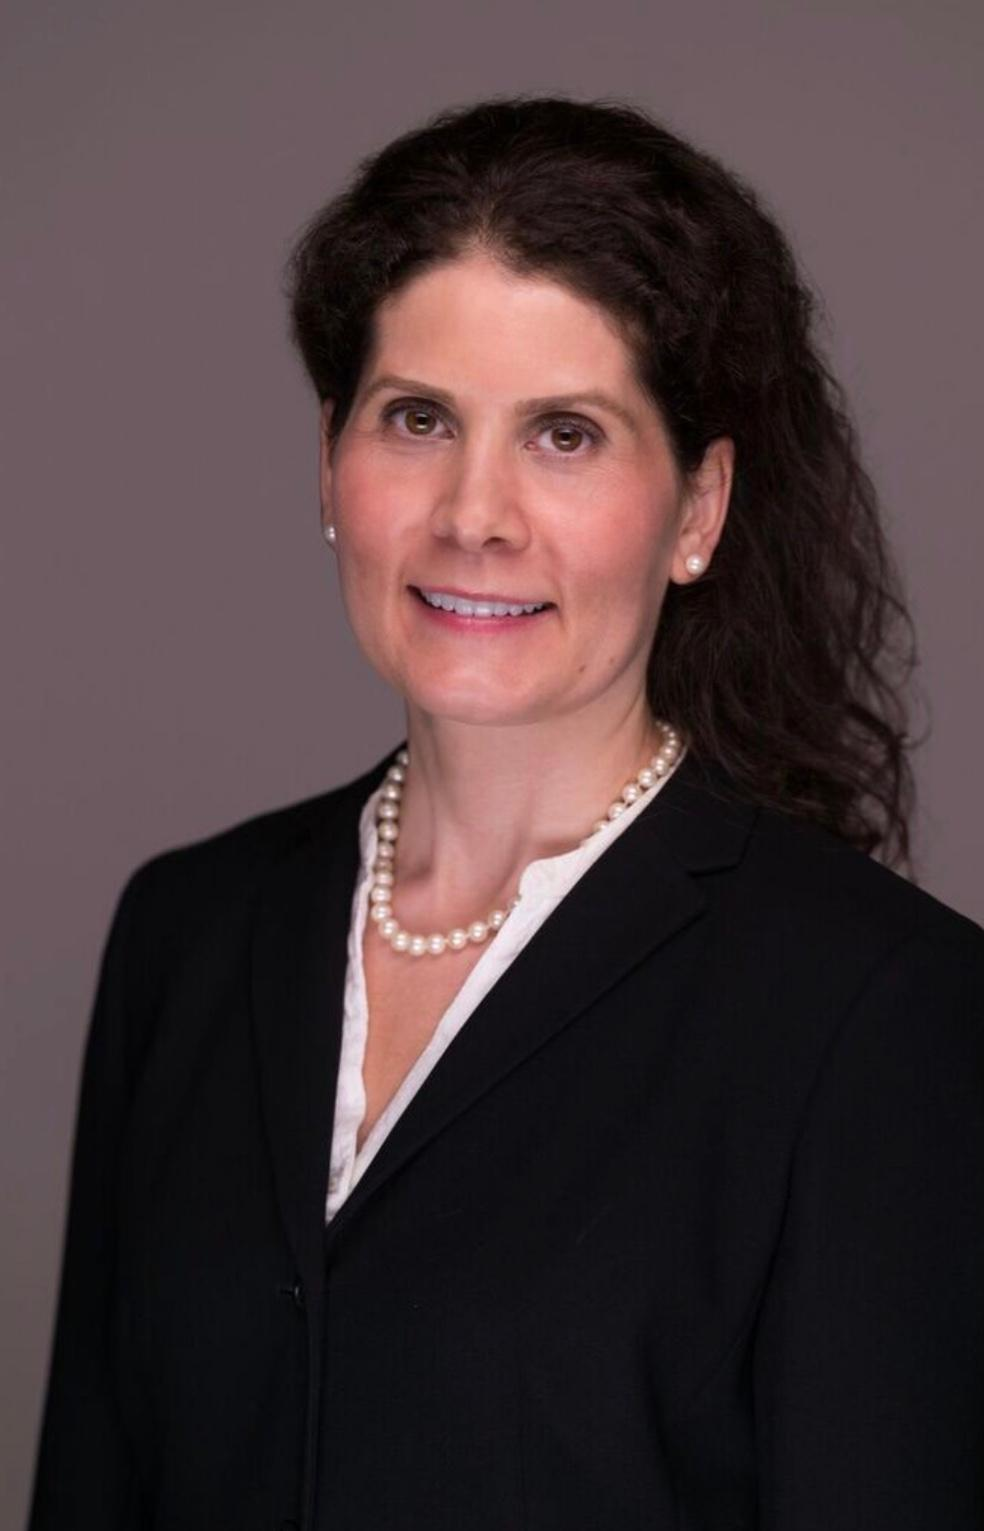 Dr. Alisa Neymark